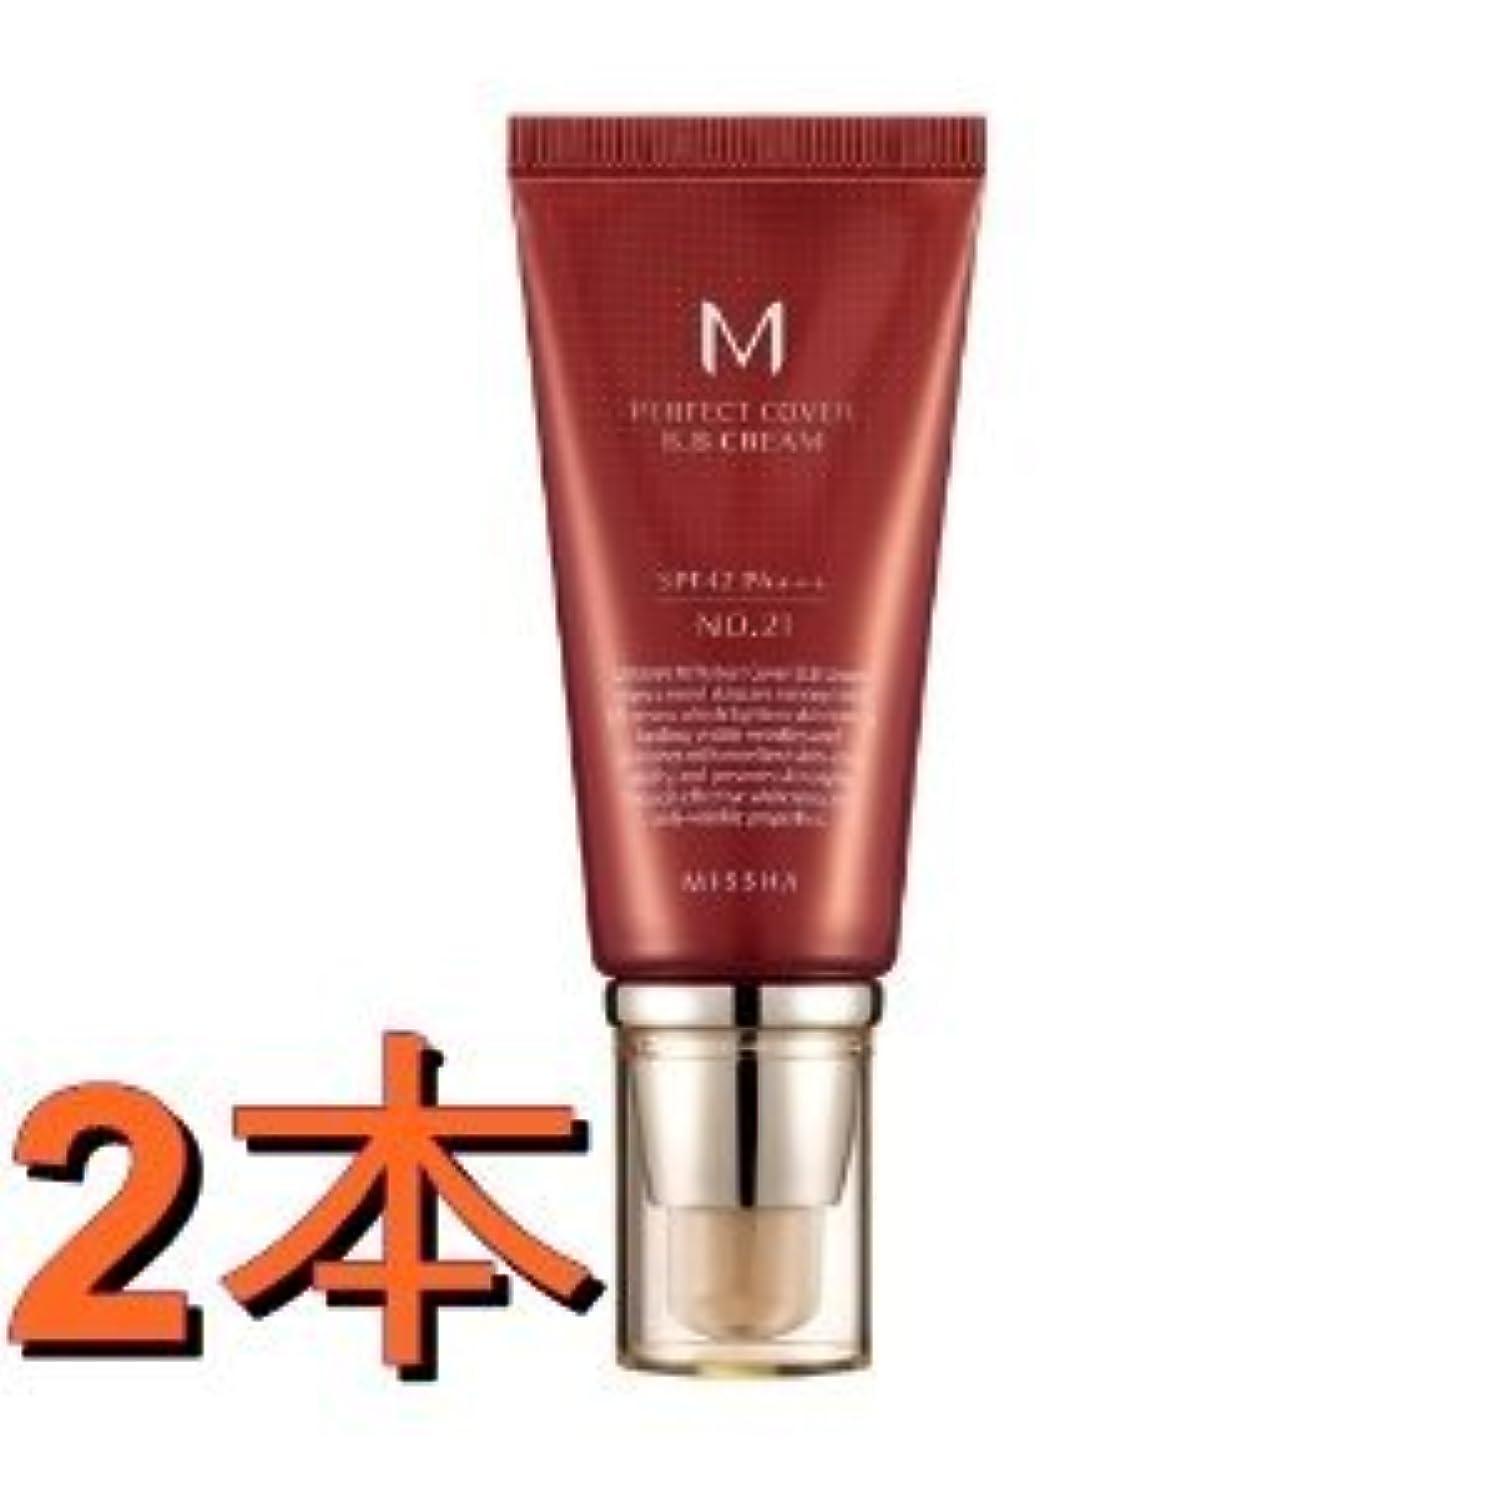 充電ペンフレンドシールドミシャ(MISSHA) M パーフェクトカバー BB クリーム 2本セット NO.23 (ナチュラルでおちつきのある肌色) SPF42 PA++ 50ml[並行輸入品]